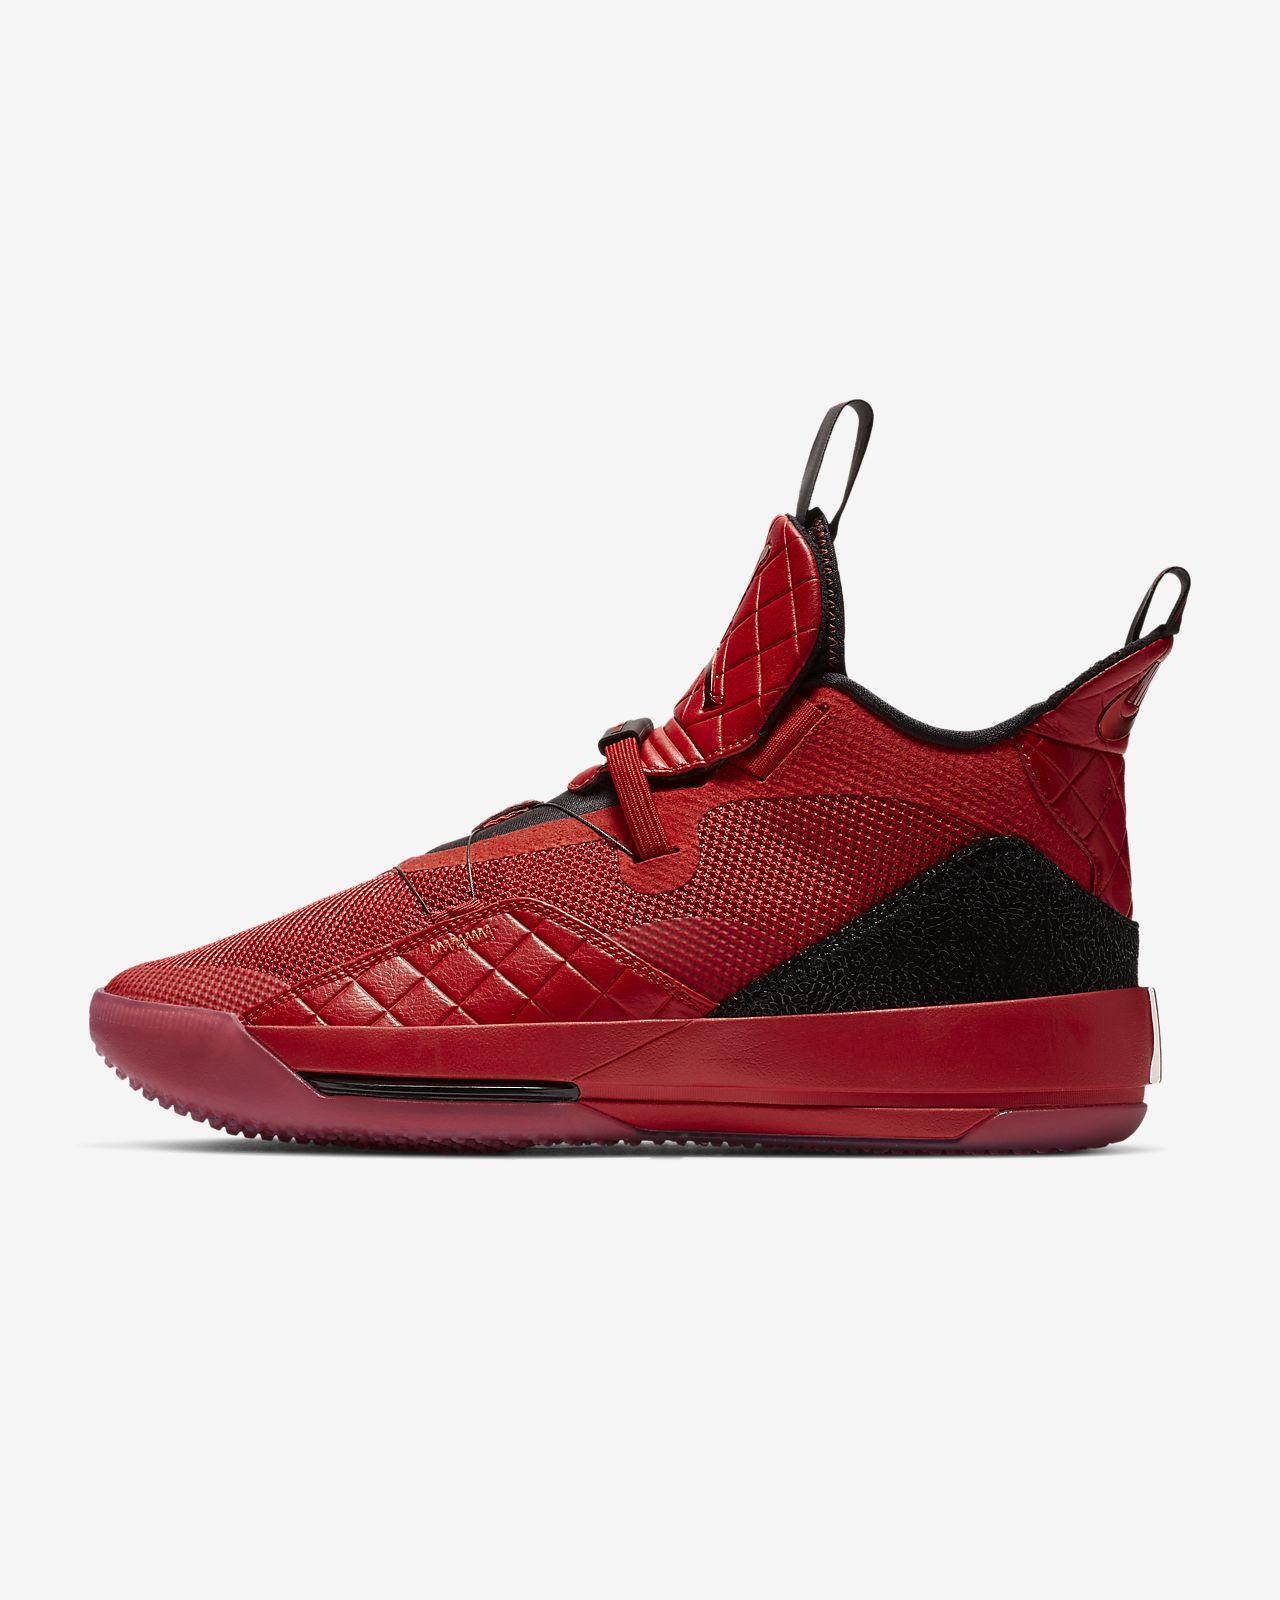 d8e97dd90f5 Sapatilhas de basquetebol Air Jordan XXXIII para homem. Nike.com PT